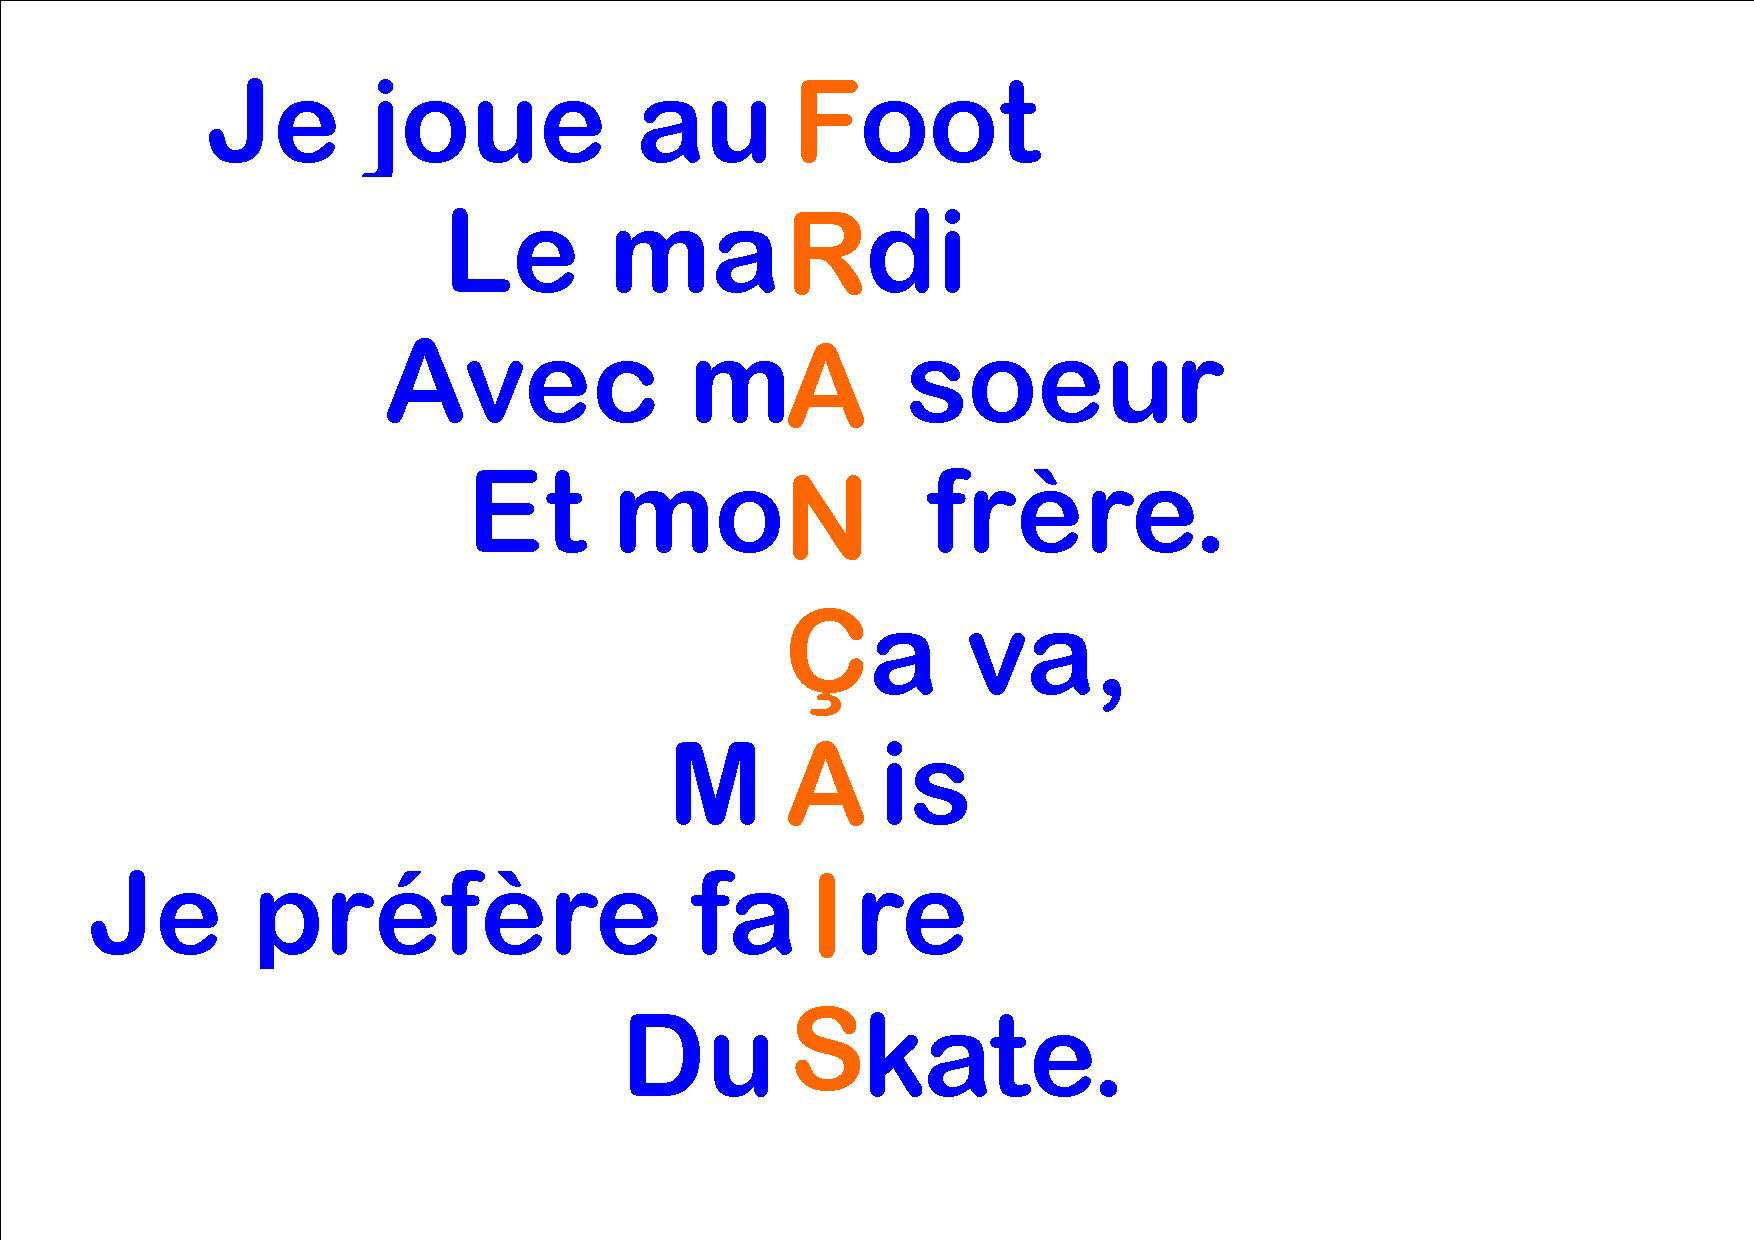 French KS3 Texts